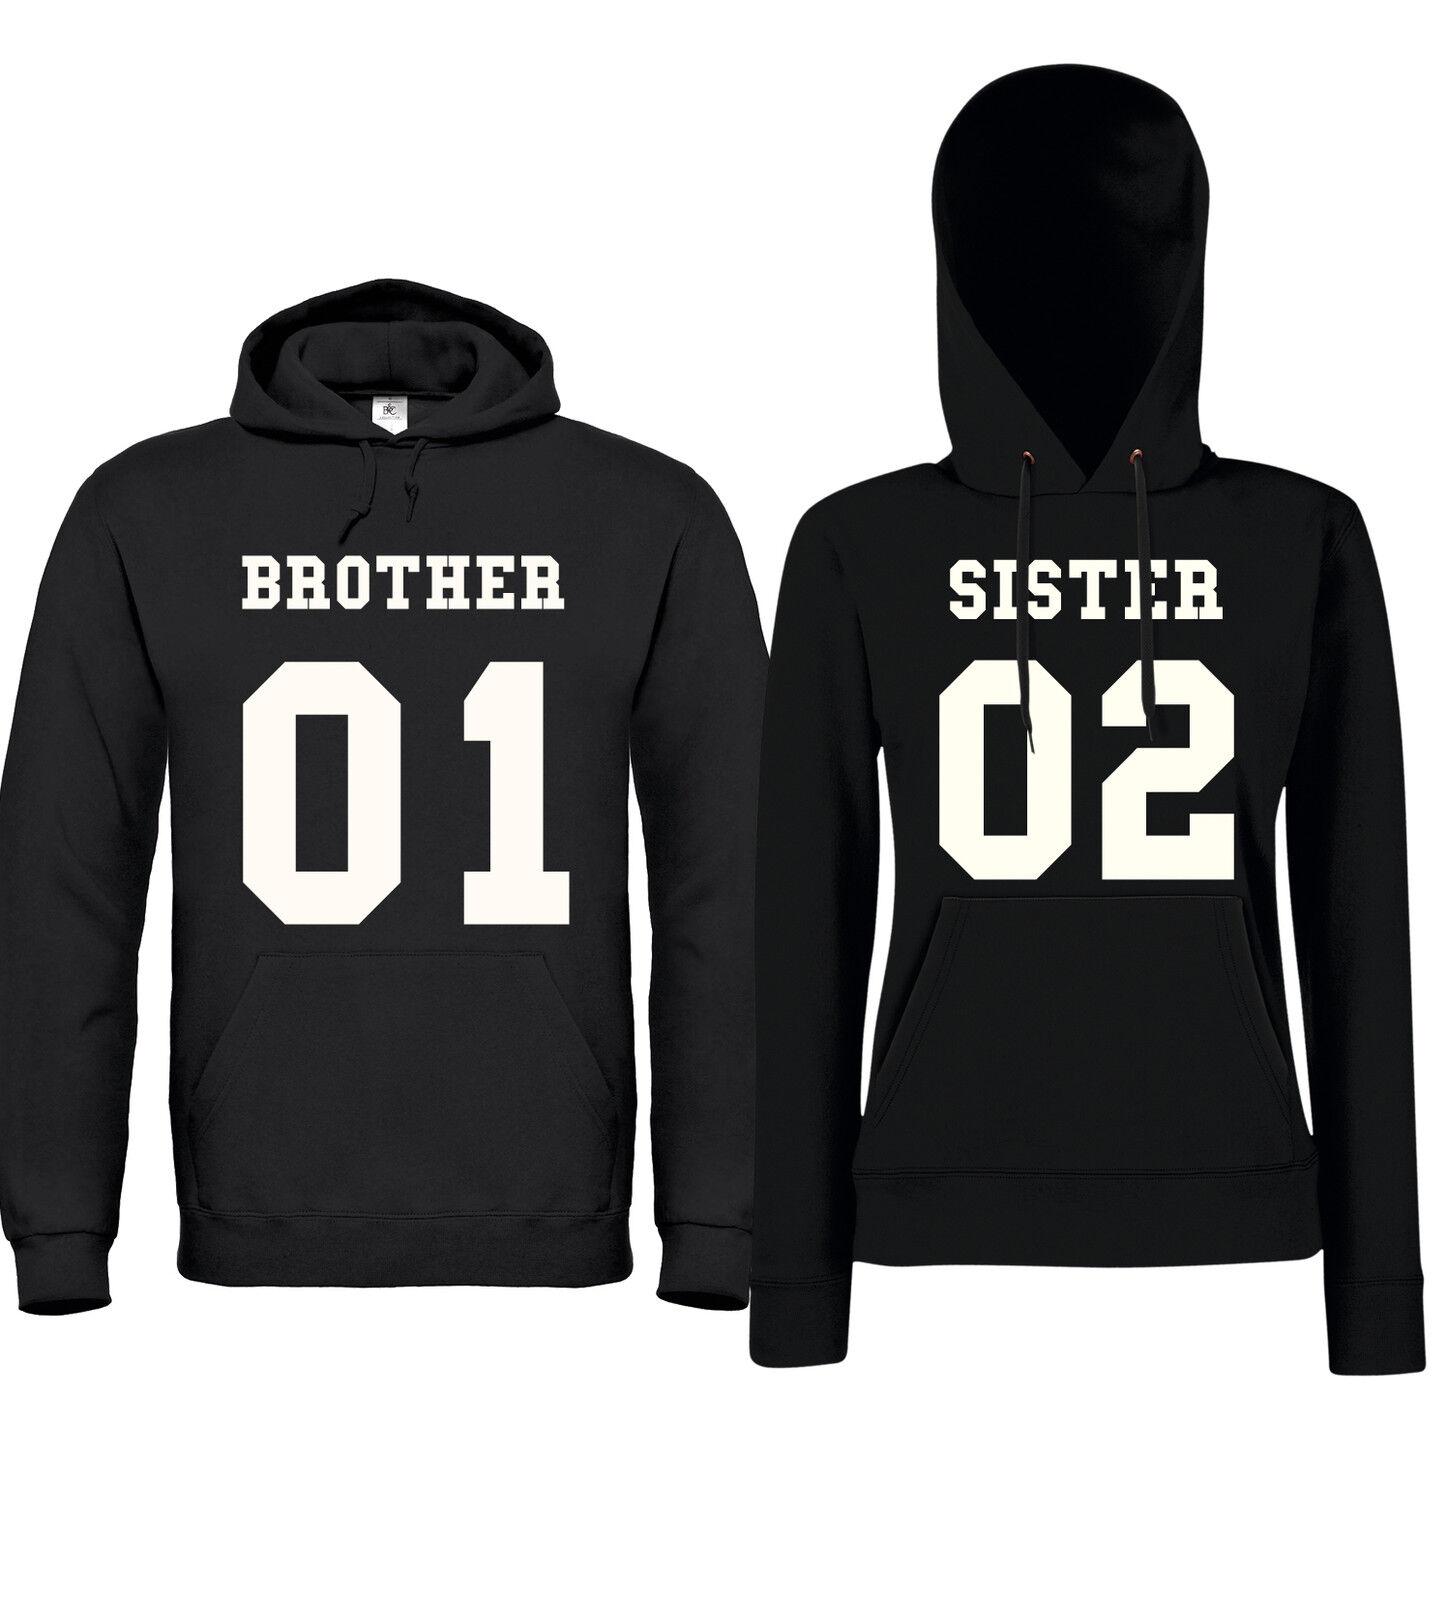 BROTHER + SISTER 01/02  - Partner Hoodies - Friends Freunde Geschwister Geschenk